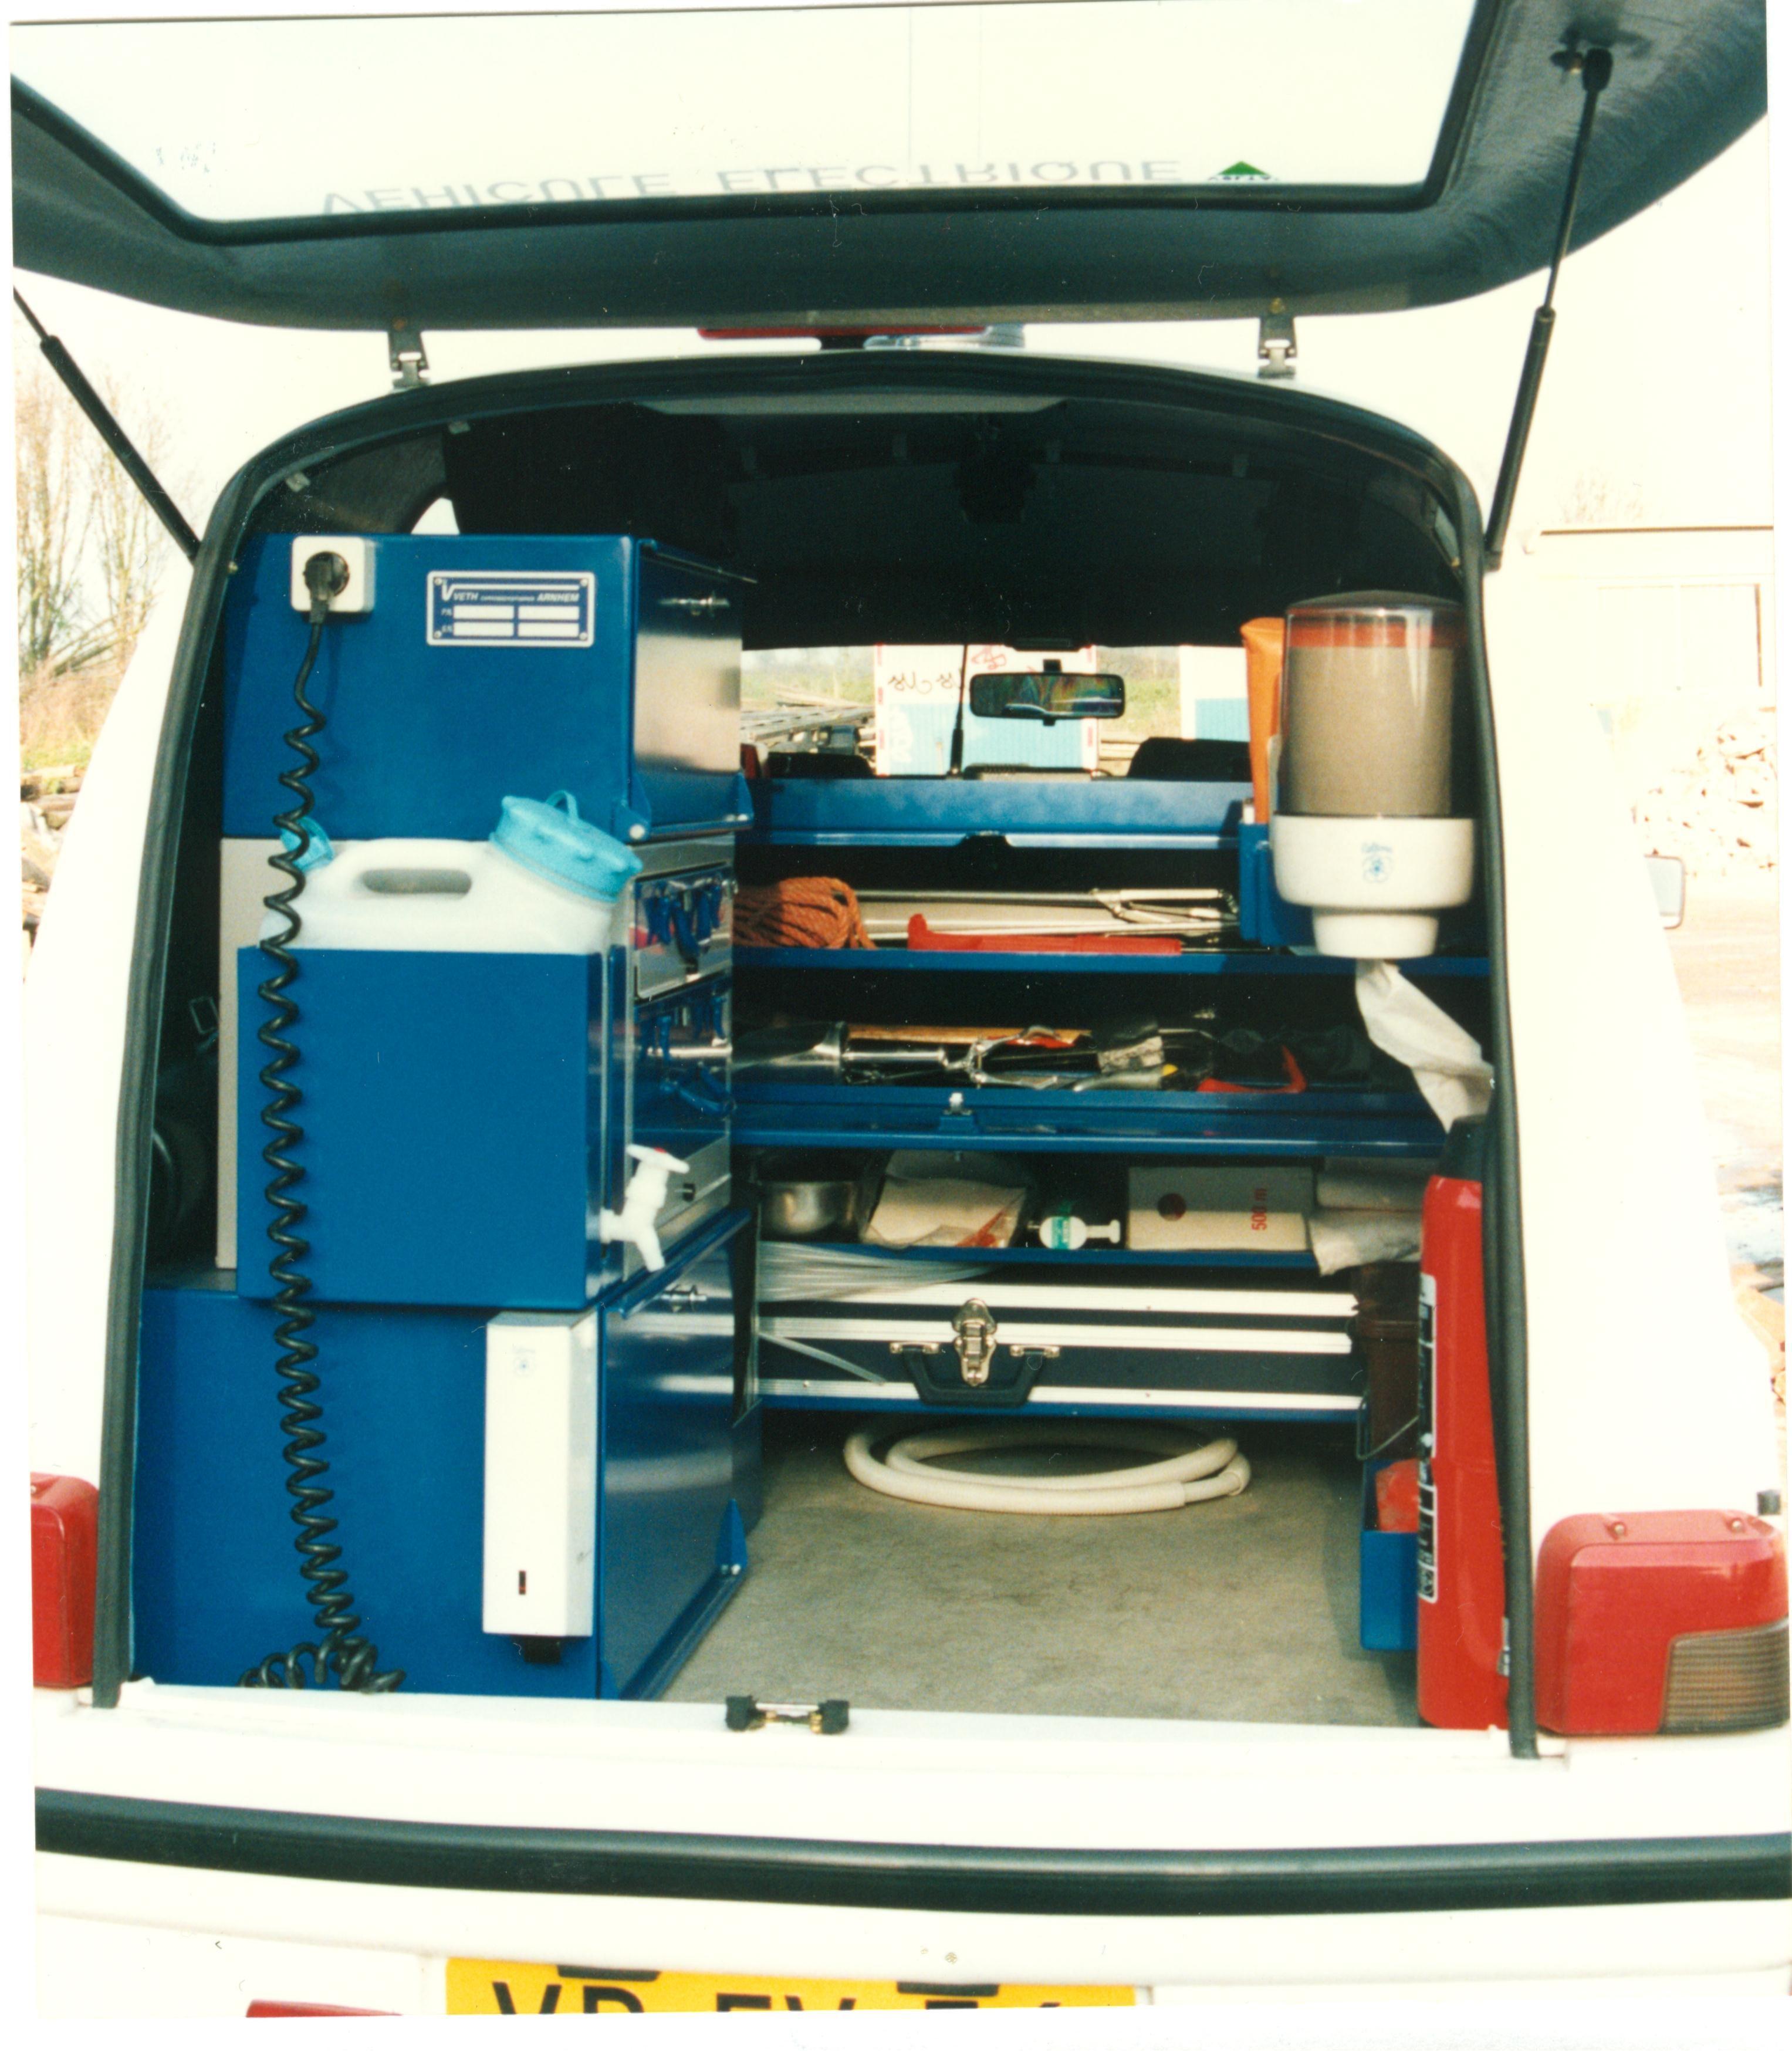 SEER Volta Van. Bedrijfswagen voor milieu. Operationeel politie Utrecht. 1994-2000.